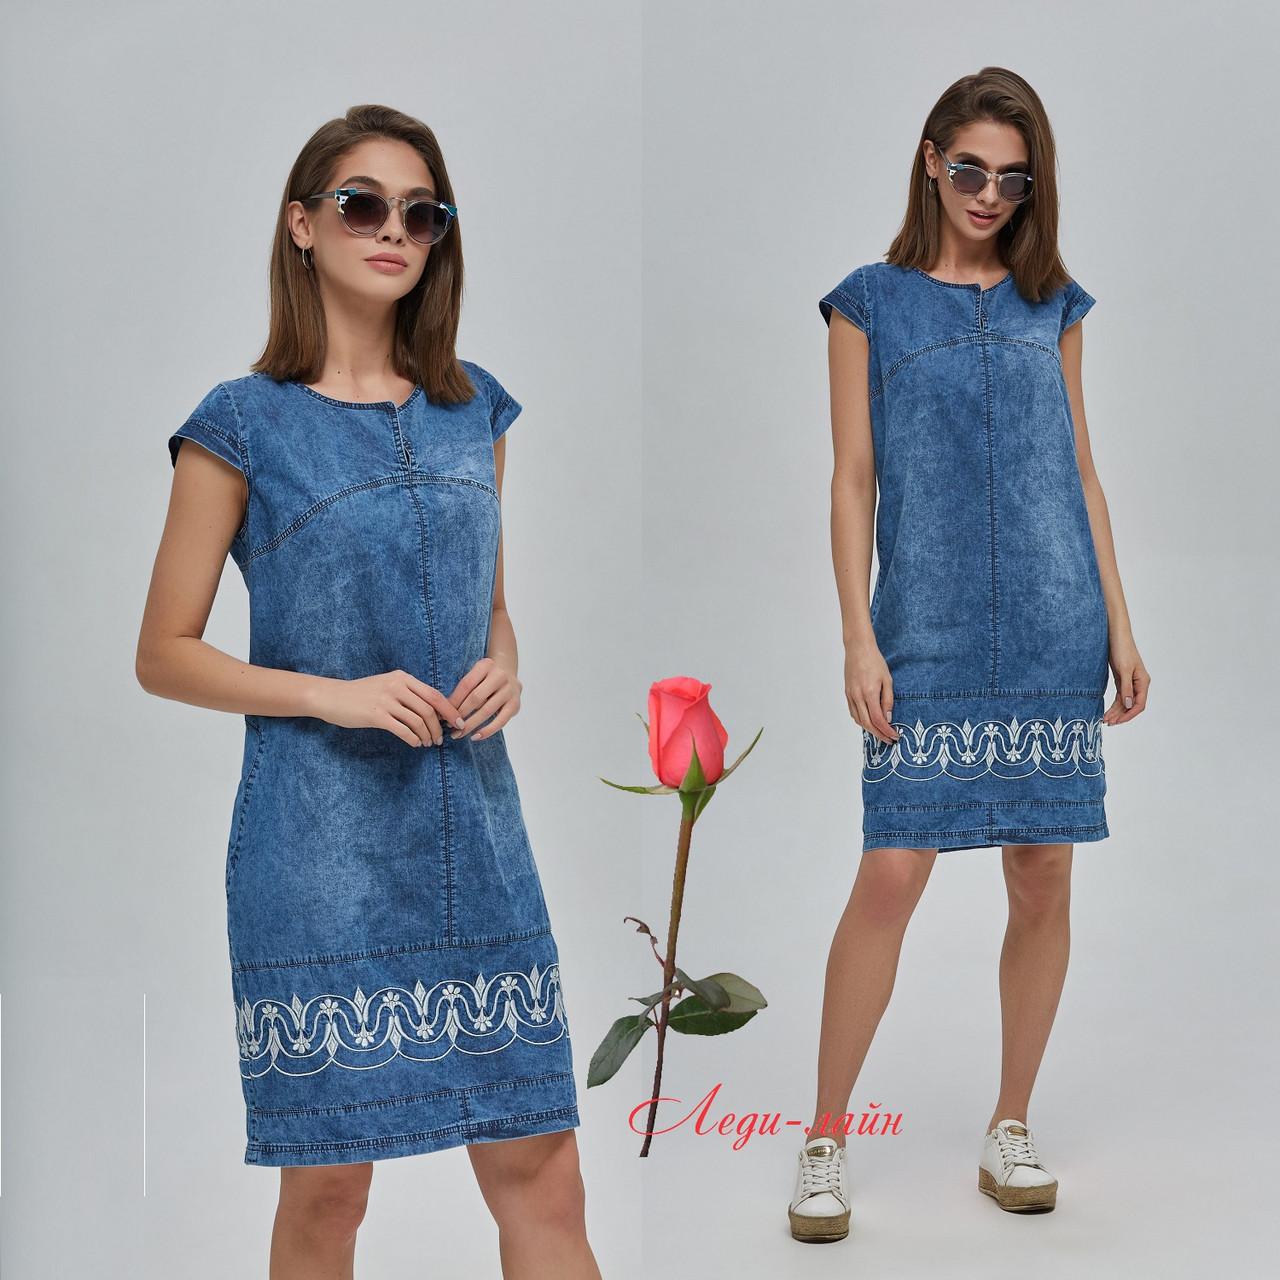 803051144cb2a6c Женское джинсовое платье до колен MNФ-42 - Интернет-магазин Леди-лайн в